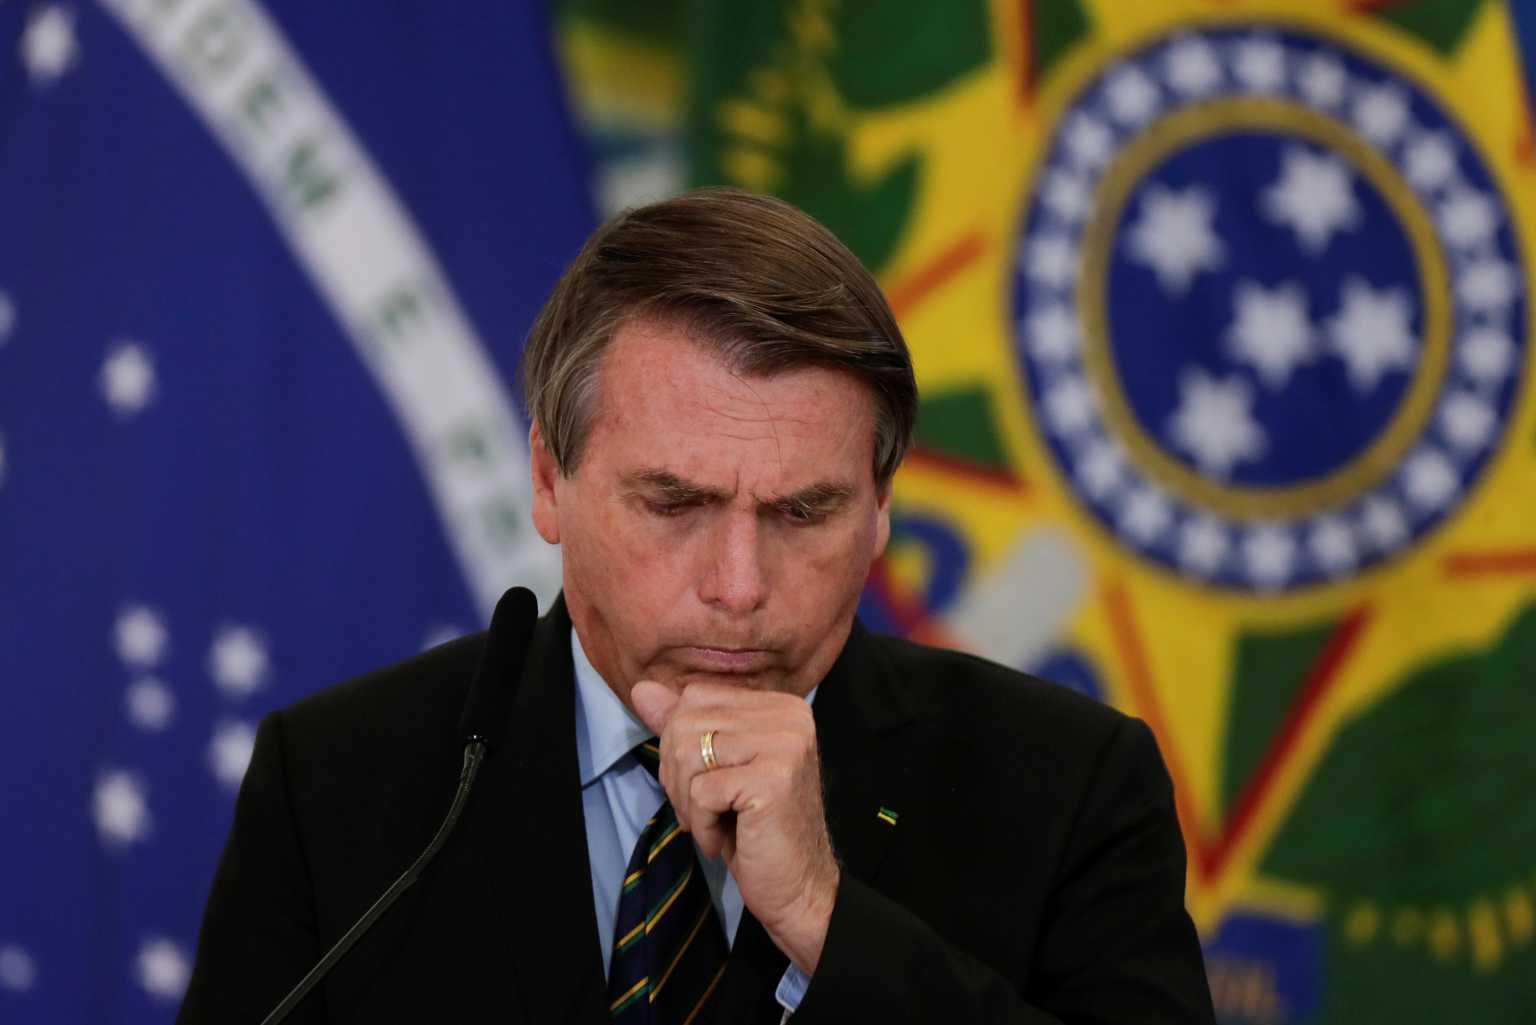 Βραζιλία: O Ζαΐχ Μπολσονάρο λέει πως κρύβεται στην τουαλέτα και κλαίει